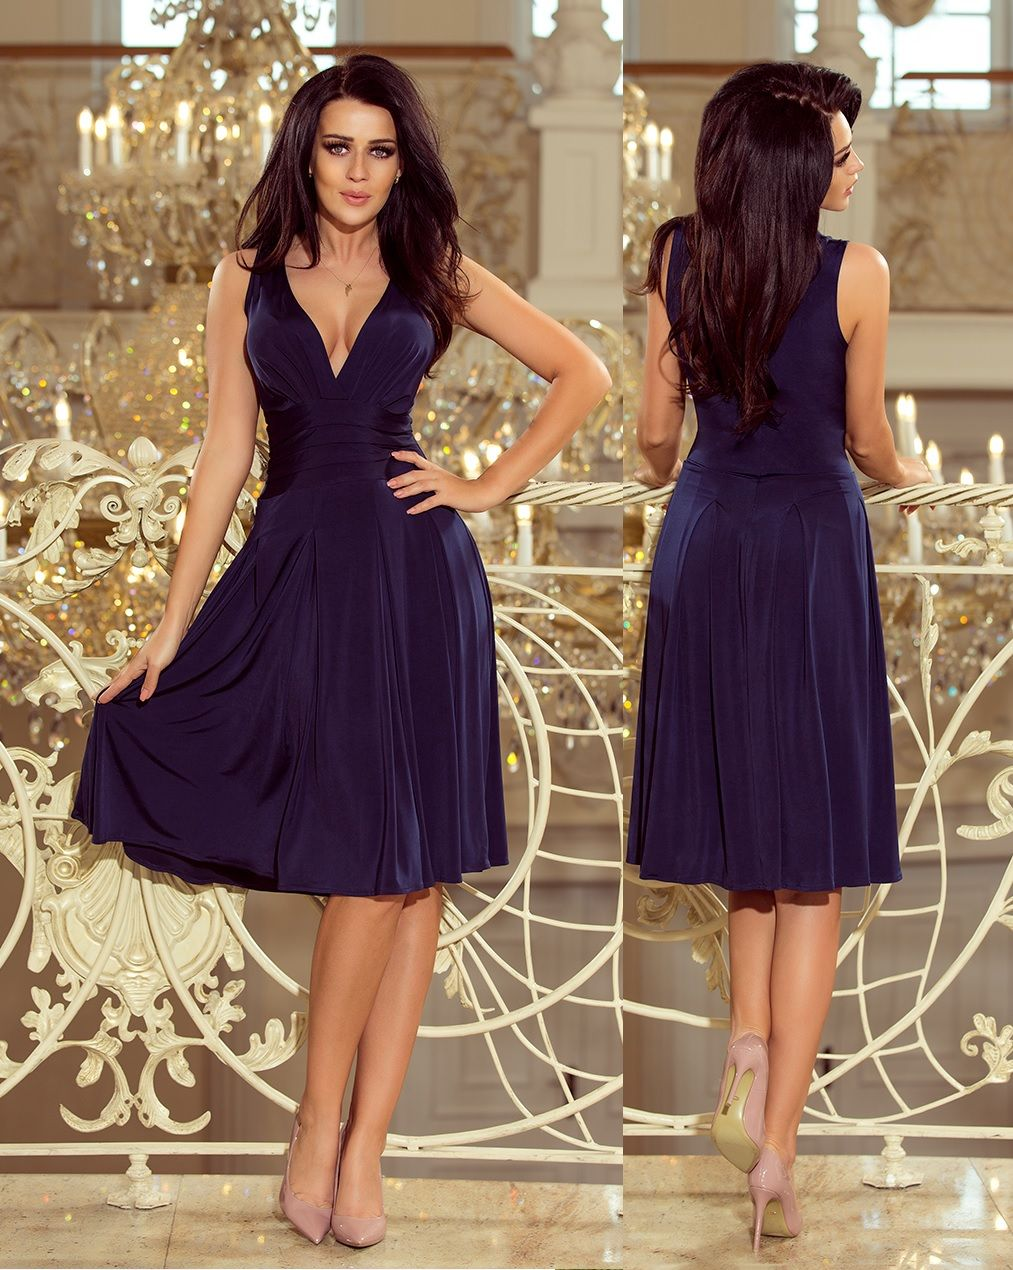 eee0cbbef1 V kivágású bő szoknyájú alkalmi ruha (S,M,L,XL) ekkor: 2019 | Alkalmi ruha,  estélyi ruha, koktél ruha, menyecske, koszorúslány, esküvői ruha esküvő  wedding ...